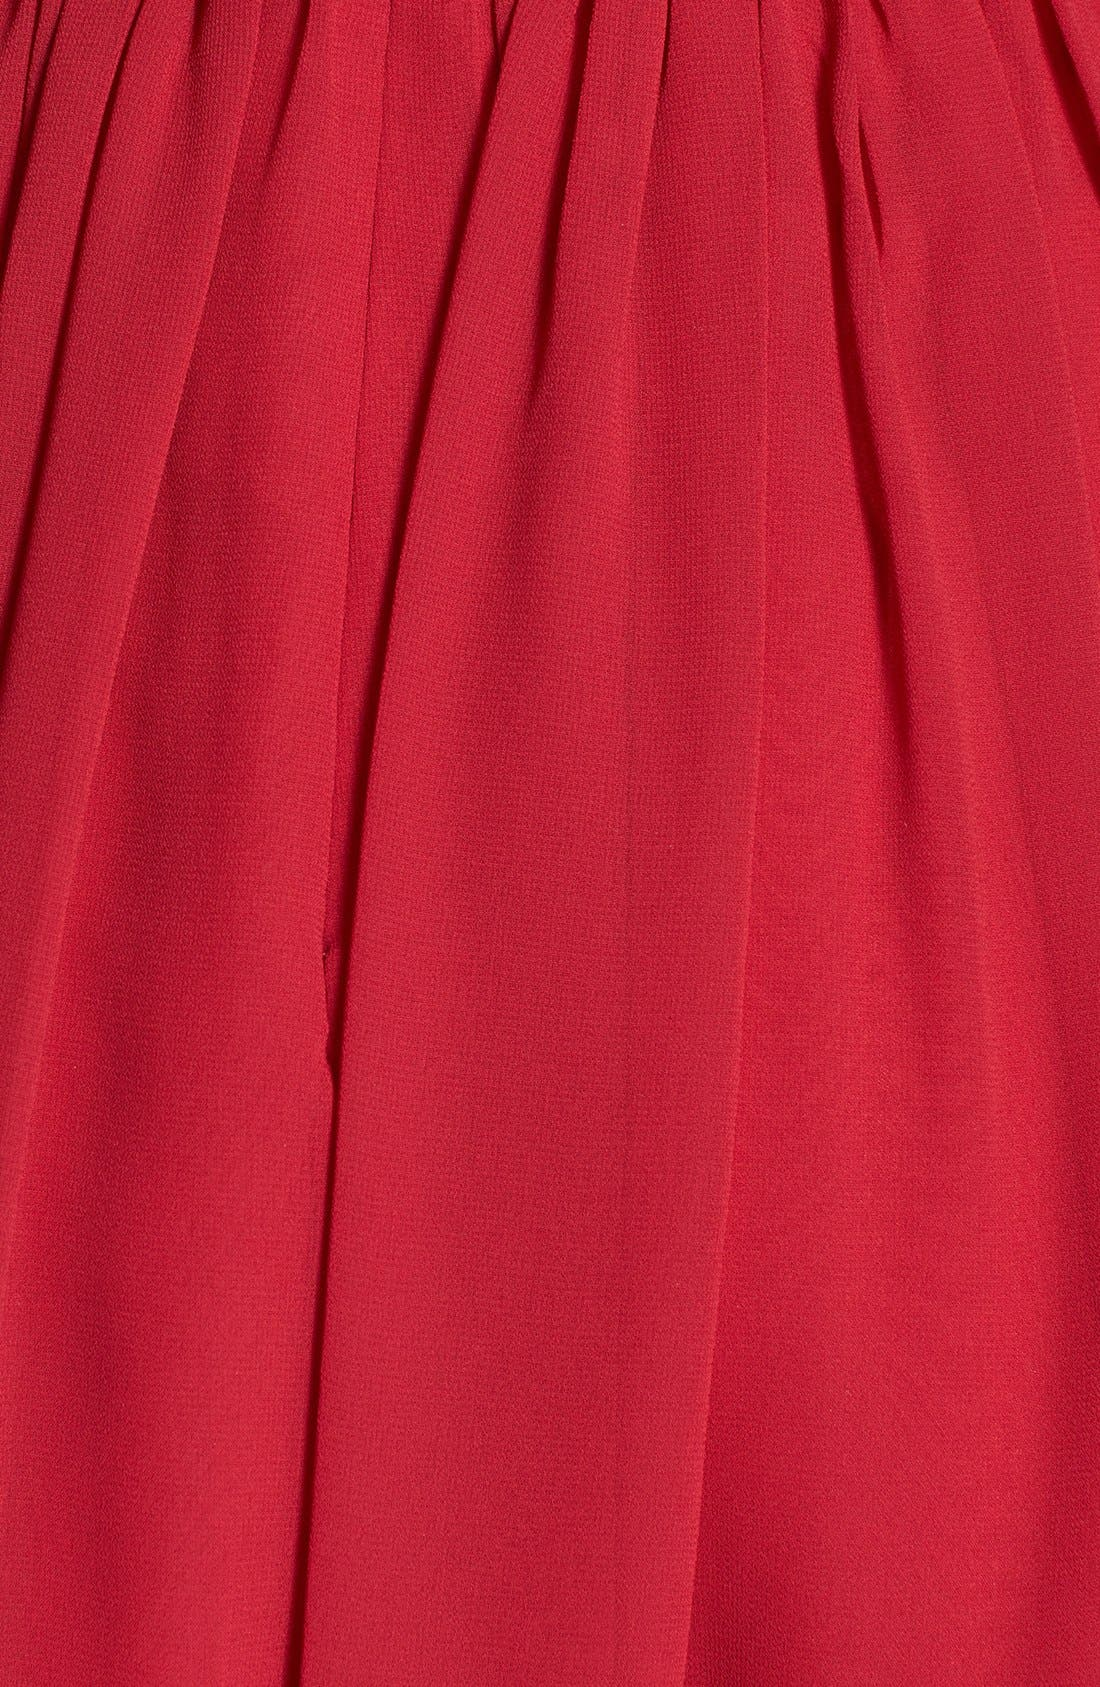 Alternate Image 4  - Jenny Yoo 'Cori' Gathered Chiffon Dress